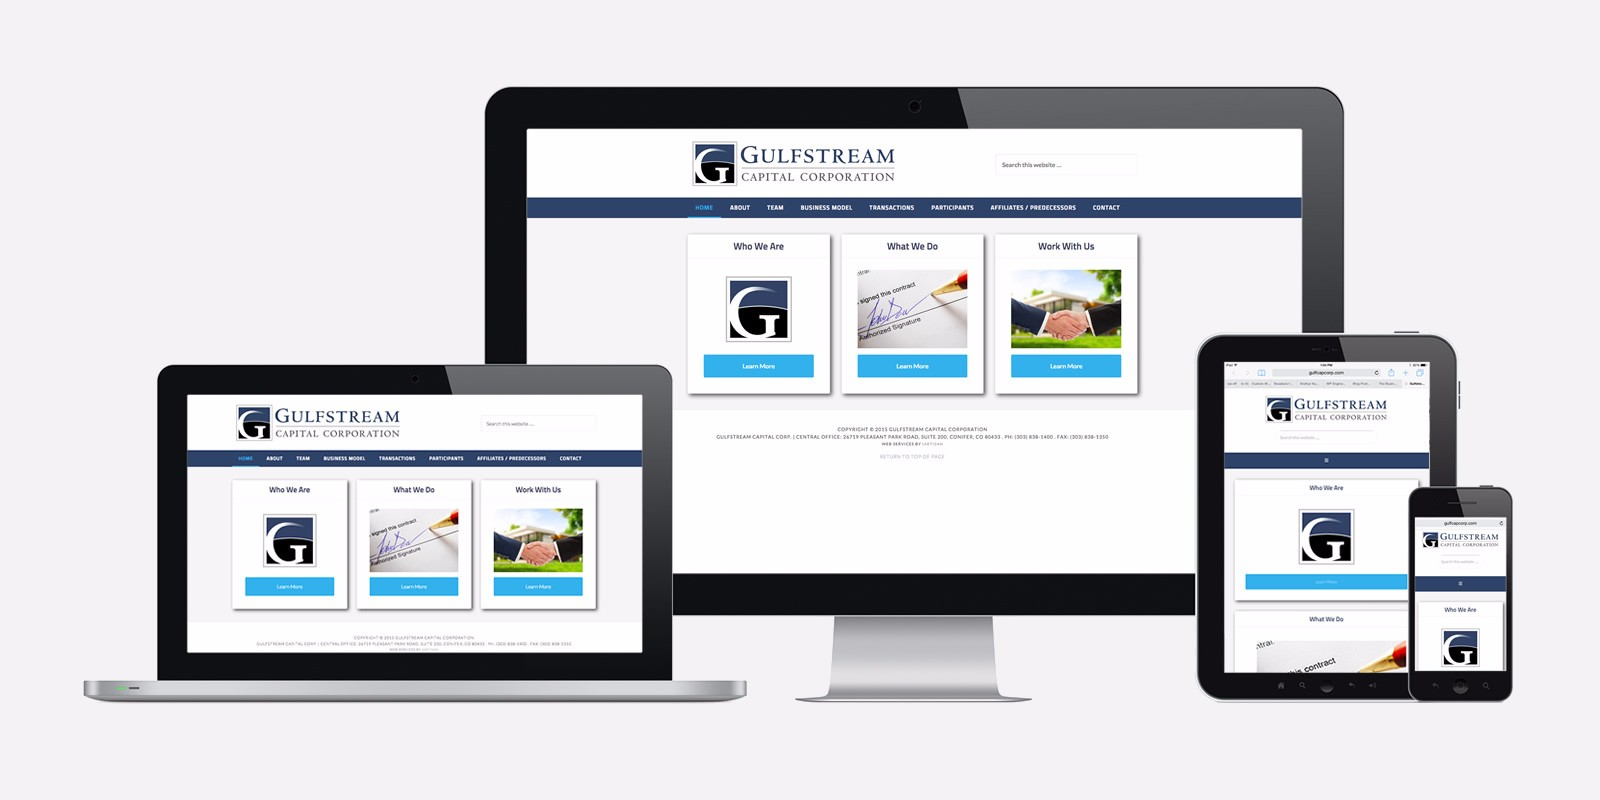 wordpress_portfolio_gulfstream_capital_v2